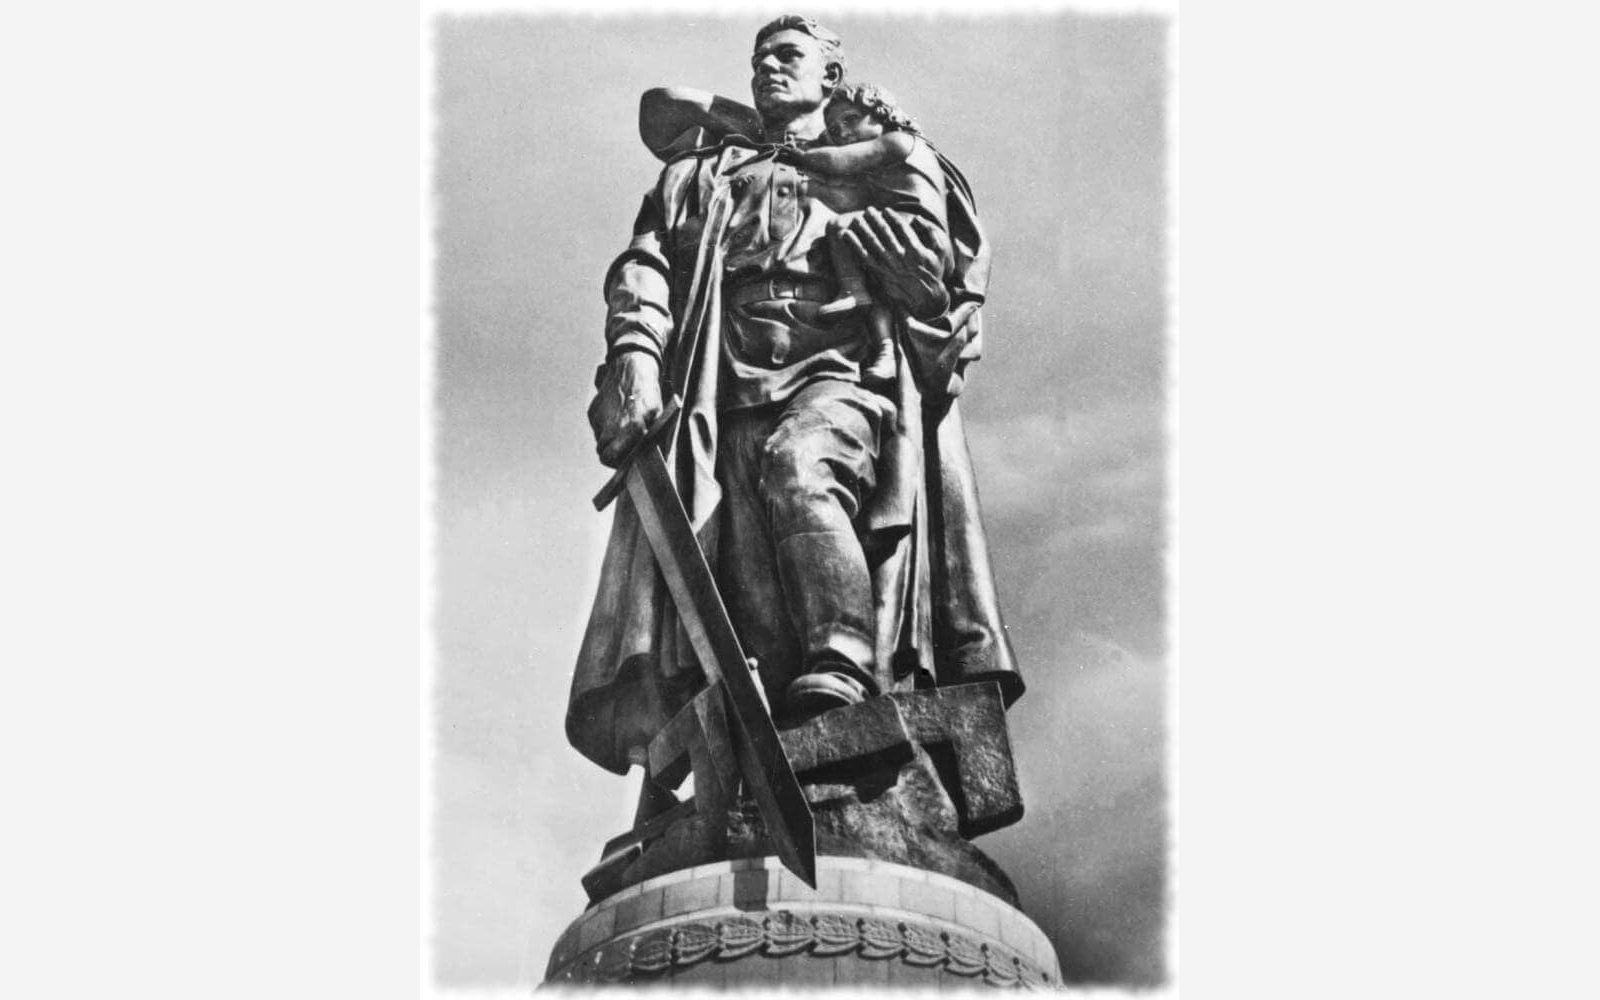 Е. В. Вучетич. Статуя воина-освободителя в памятнике-ансамбле воинам Советской Армии, павшим в боях с фашизмом. Бронза. 1946 - 1949. Трептов-парк. Берлин.